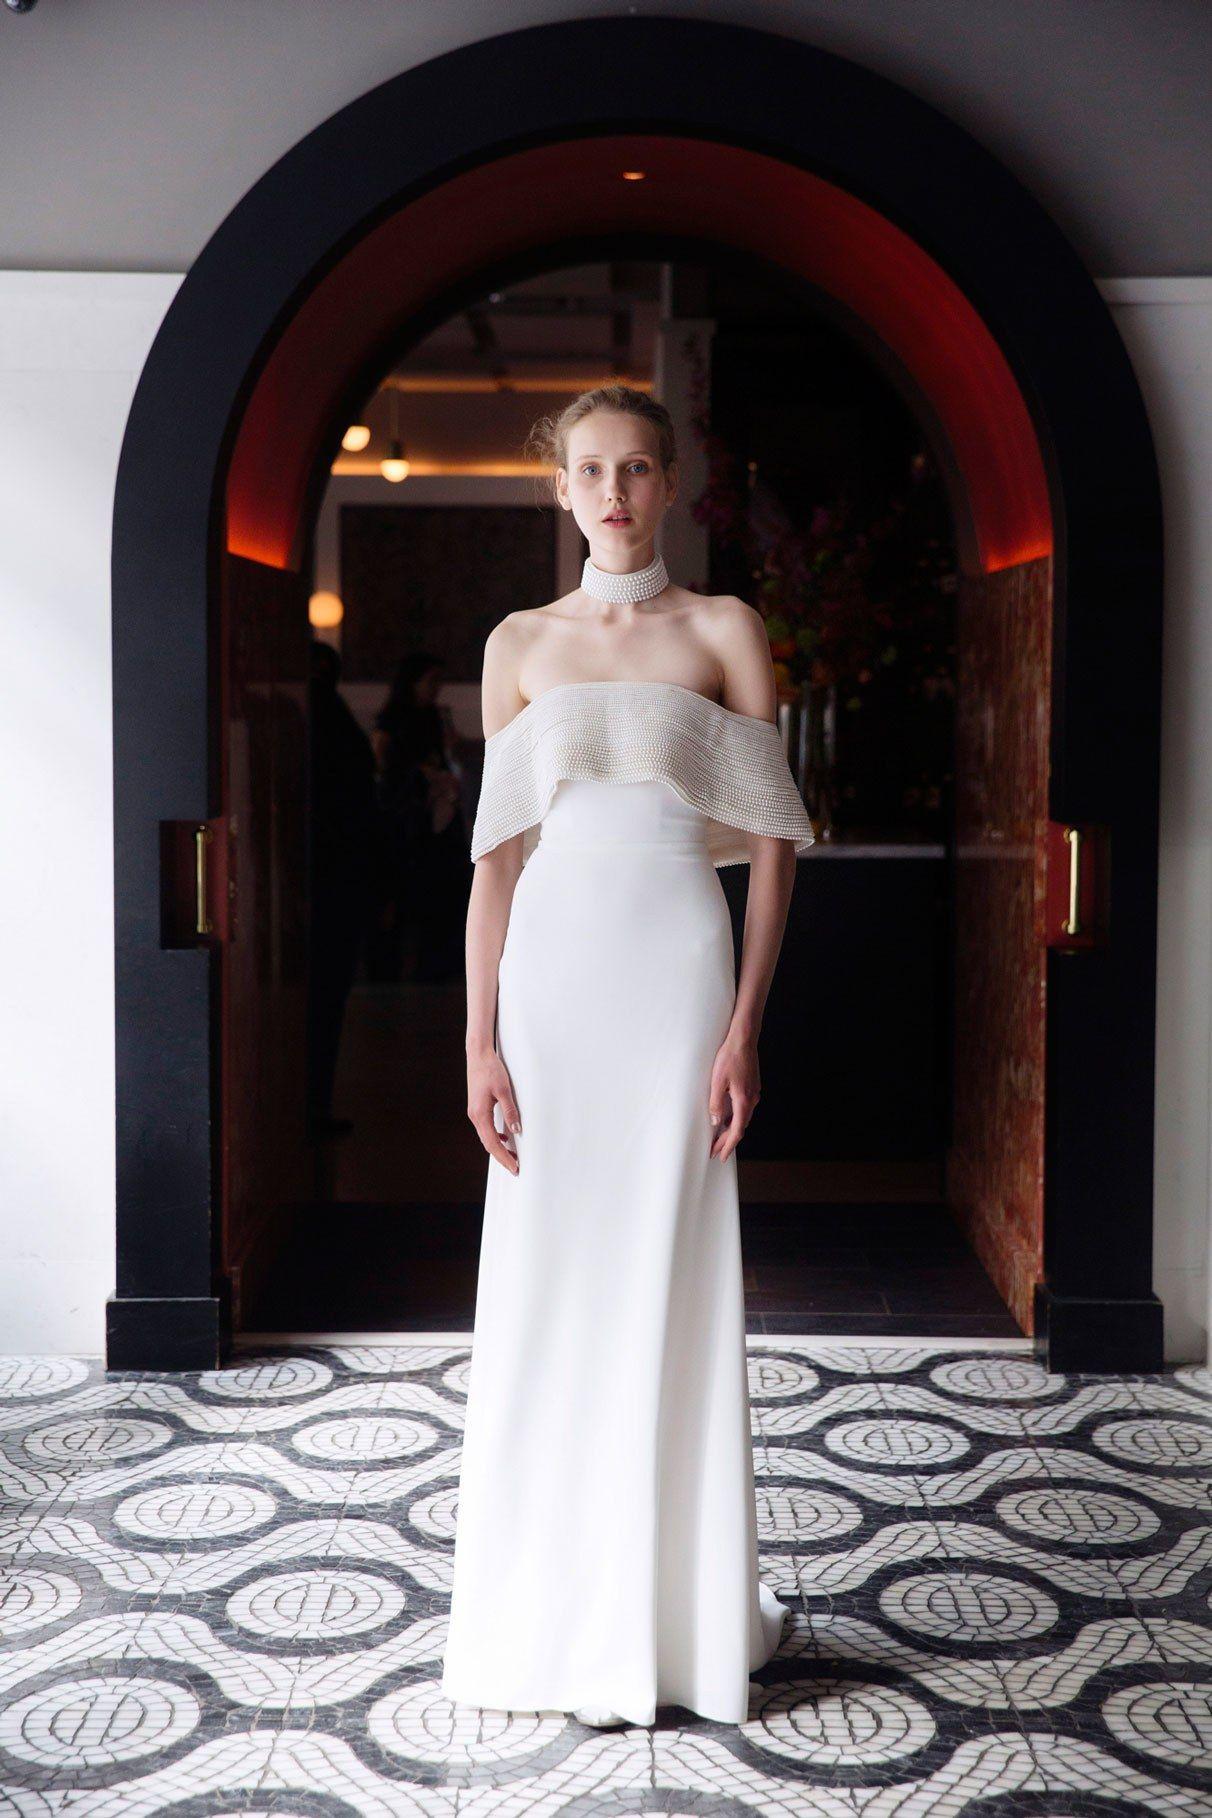 584a59dc211 Bridal Fashion Week Spring 2018 - Best Wedding Gowns from Bridal Fashion  Week